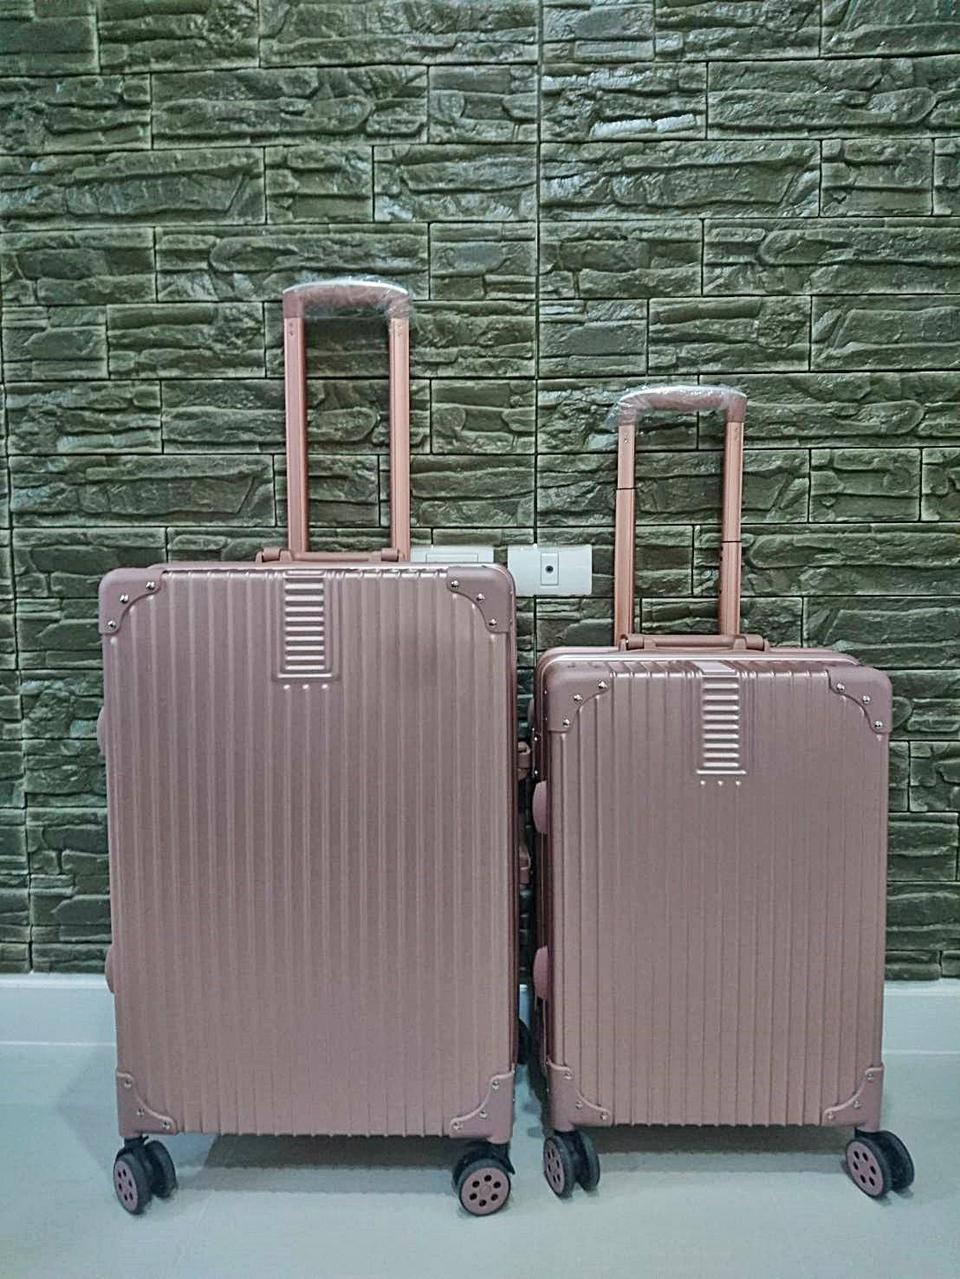 กระเป๋าเดินทาง ขอบอลูมิเนียม รุ่น คัลเลอร์ฟูล รูปที่ 3